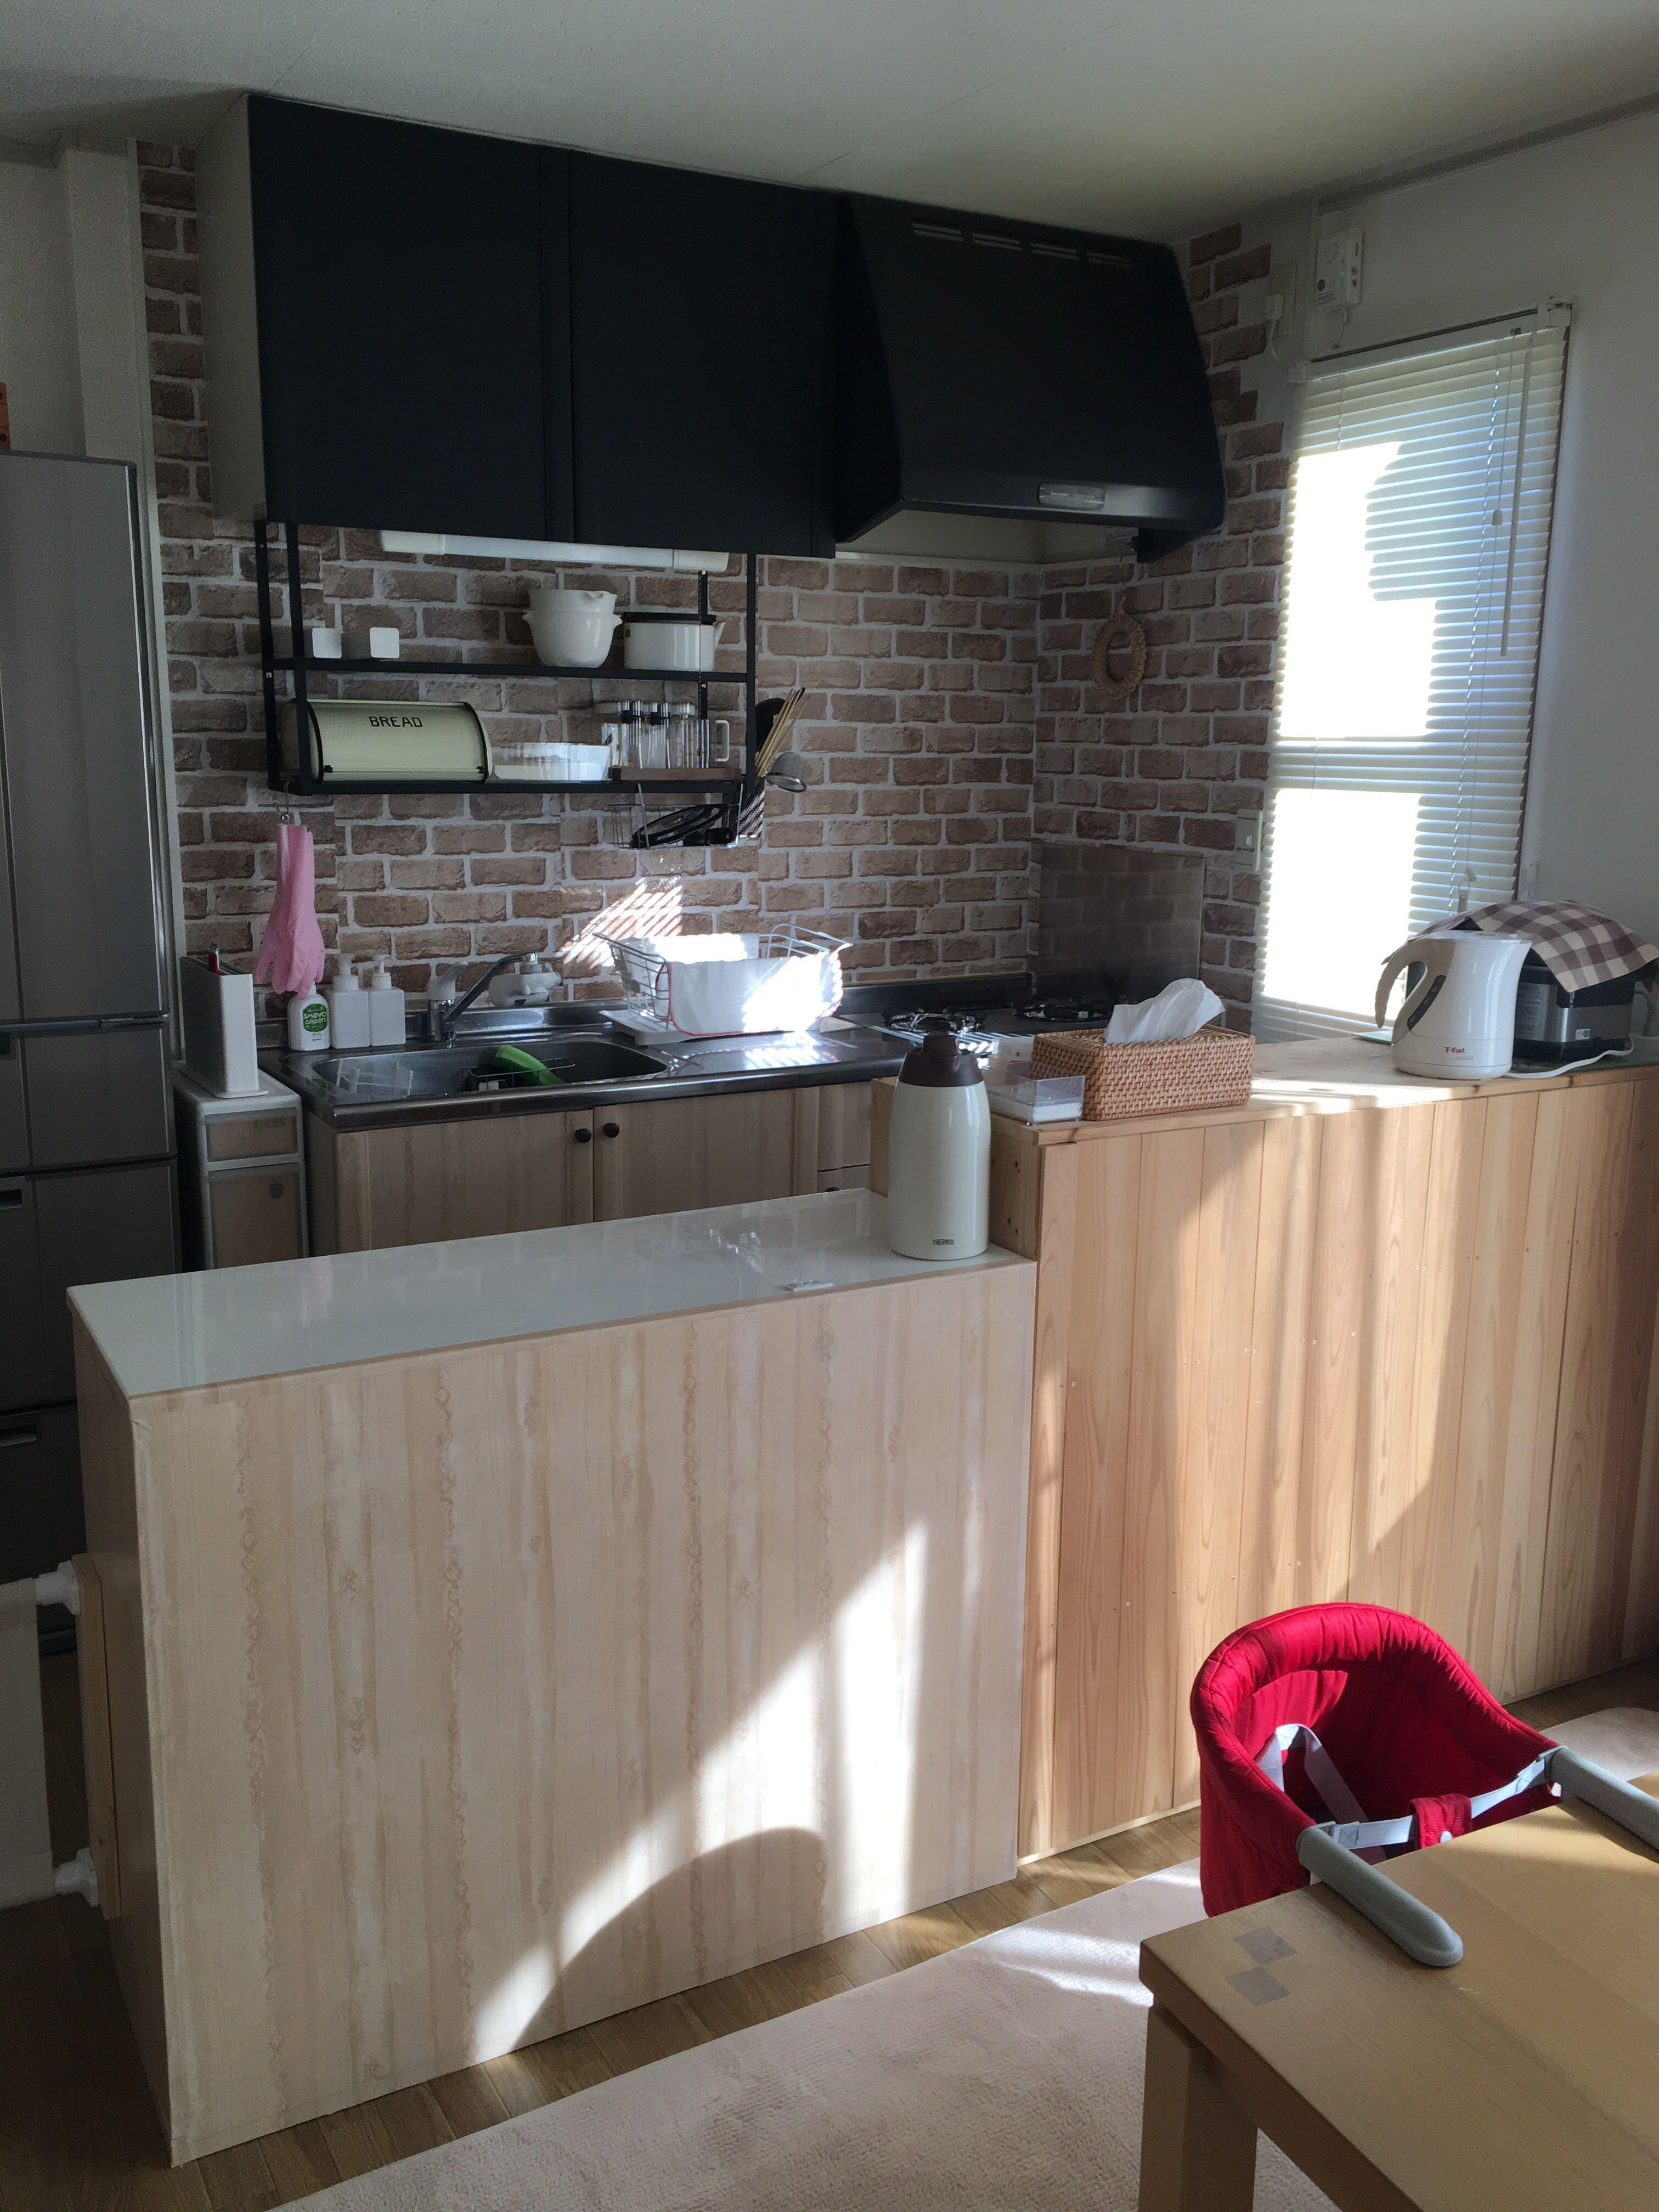 セリアのリメイクシートの種類と貼り方まとめ レンガ キッチン 木目 のサムネイル画像 リメイクシート リメイクシート キッチン キッチン